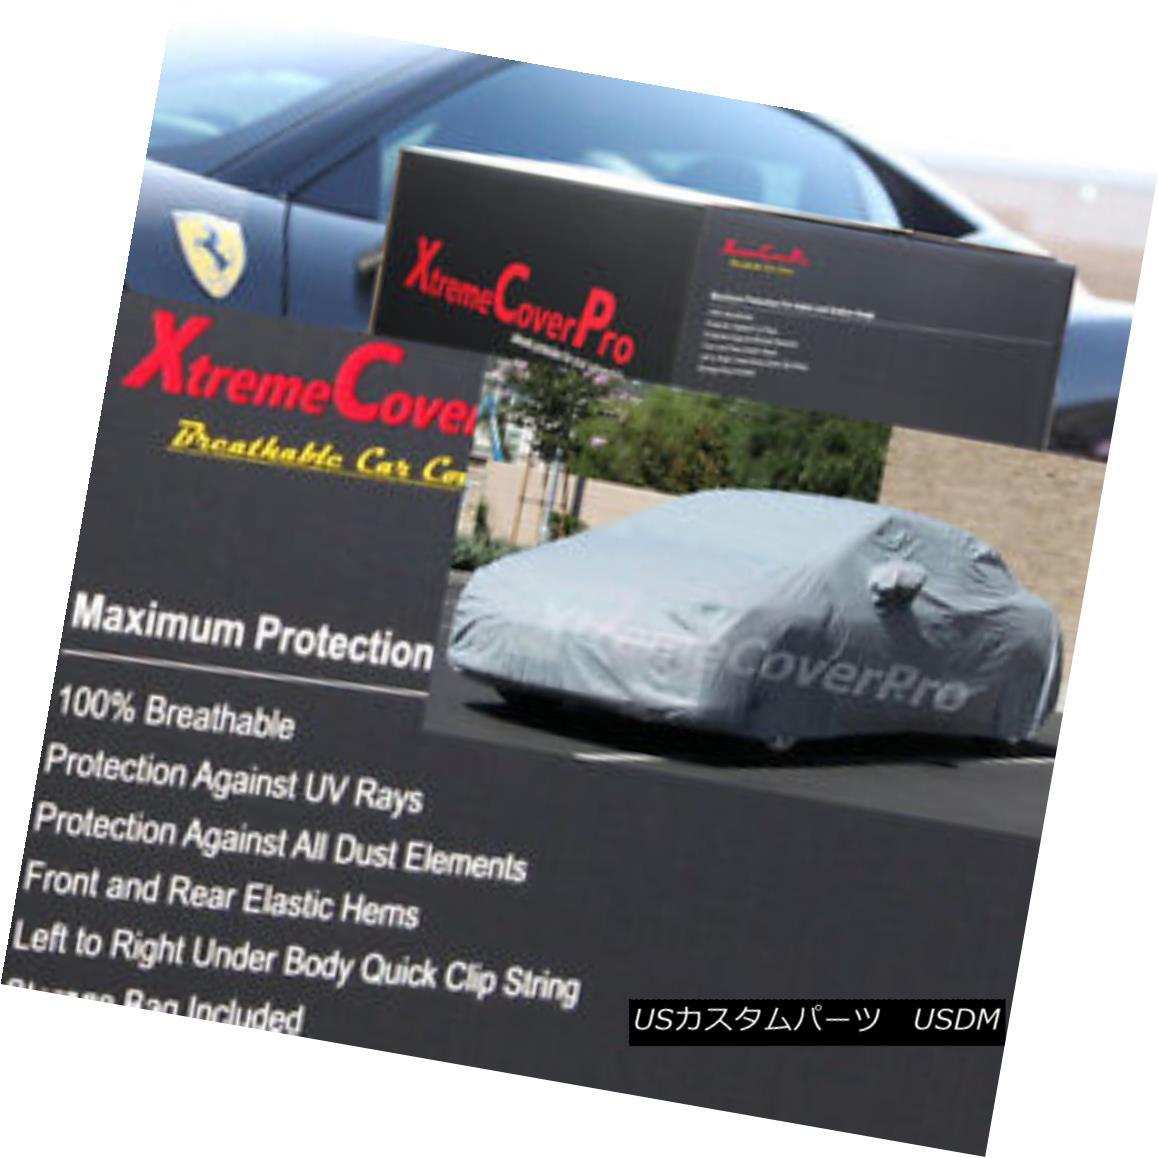 カーカバー 2014 Acura TL Breathable Car Cover w/ Mirror Pocket 2014 Acura TL通気性の車カバー(ミラーポケット付)